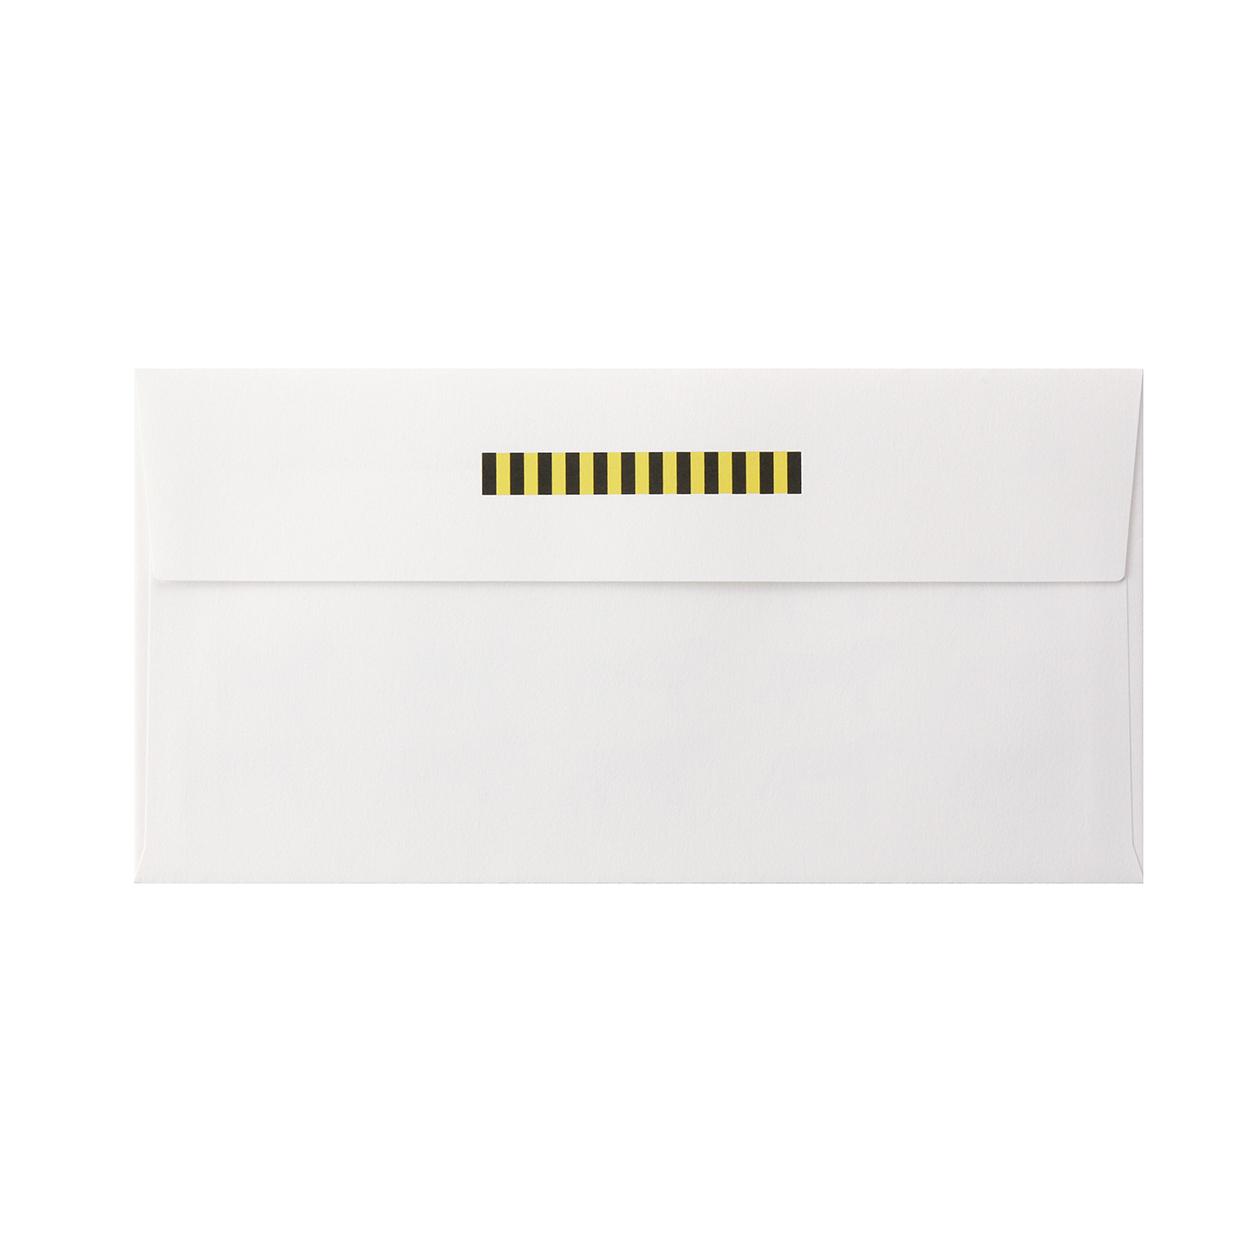 見本 00007 長3カマス封筒 コットン スノーホワイト 116.3g